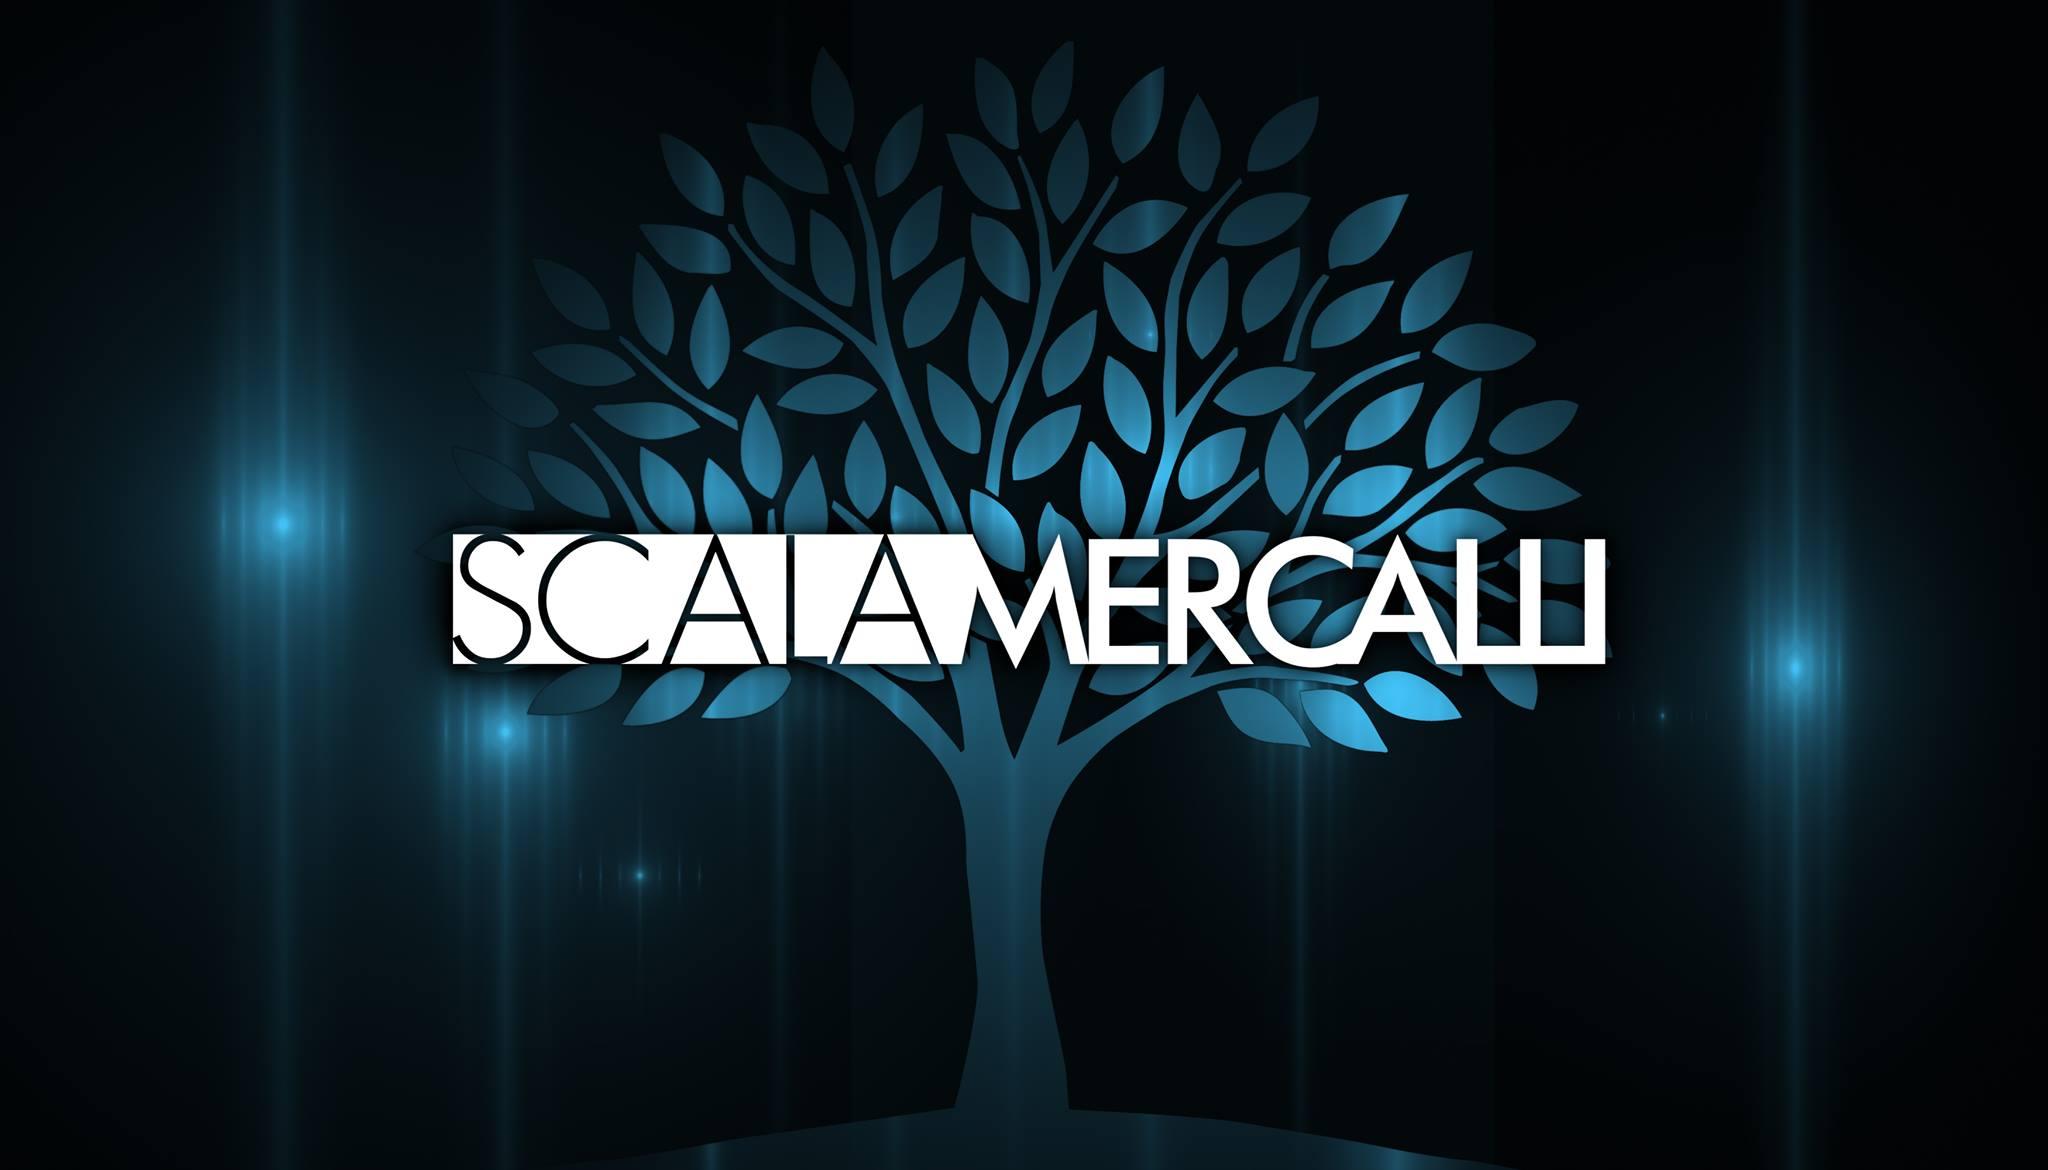 Scala Mercalli